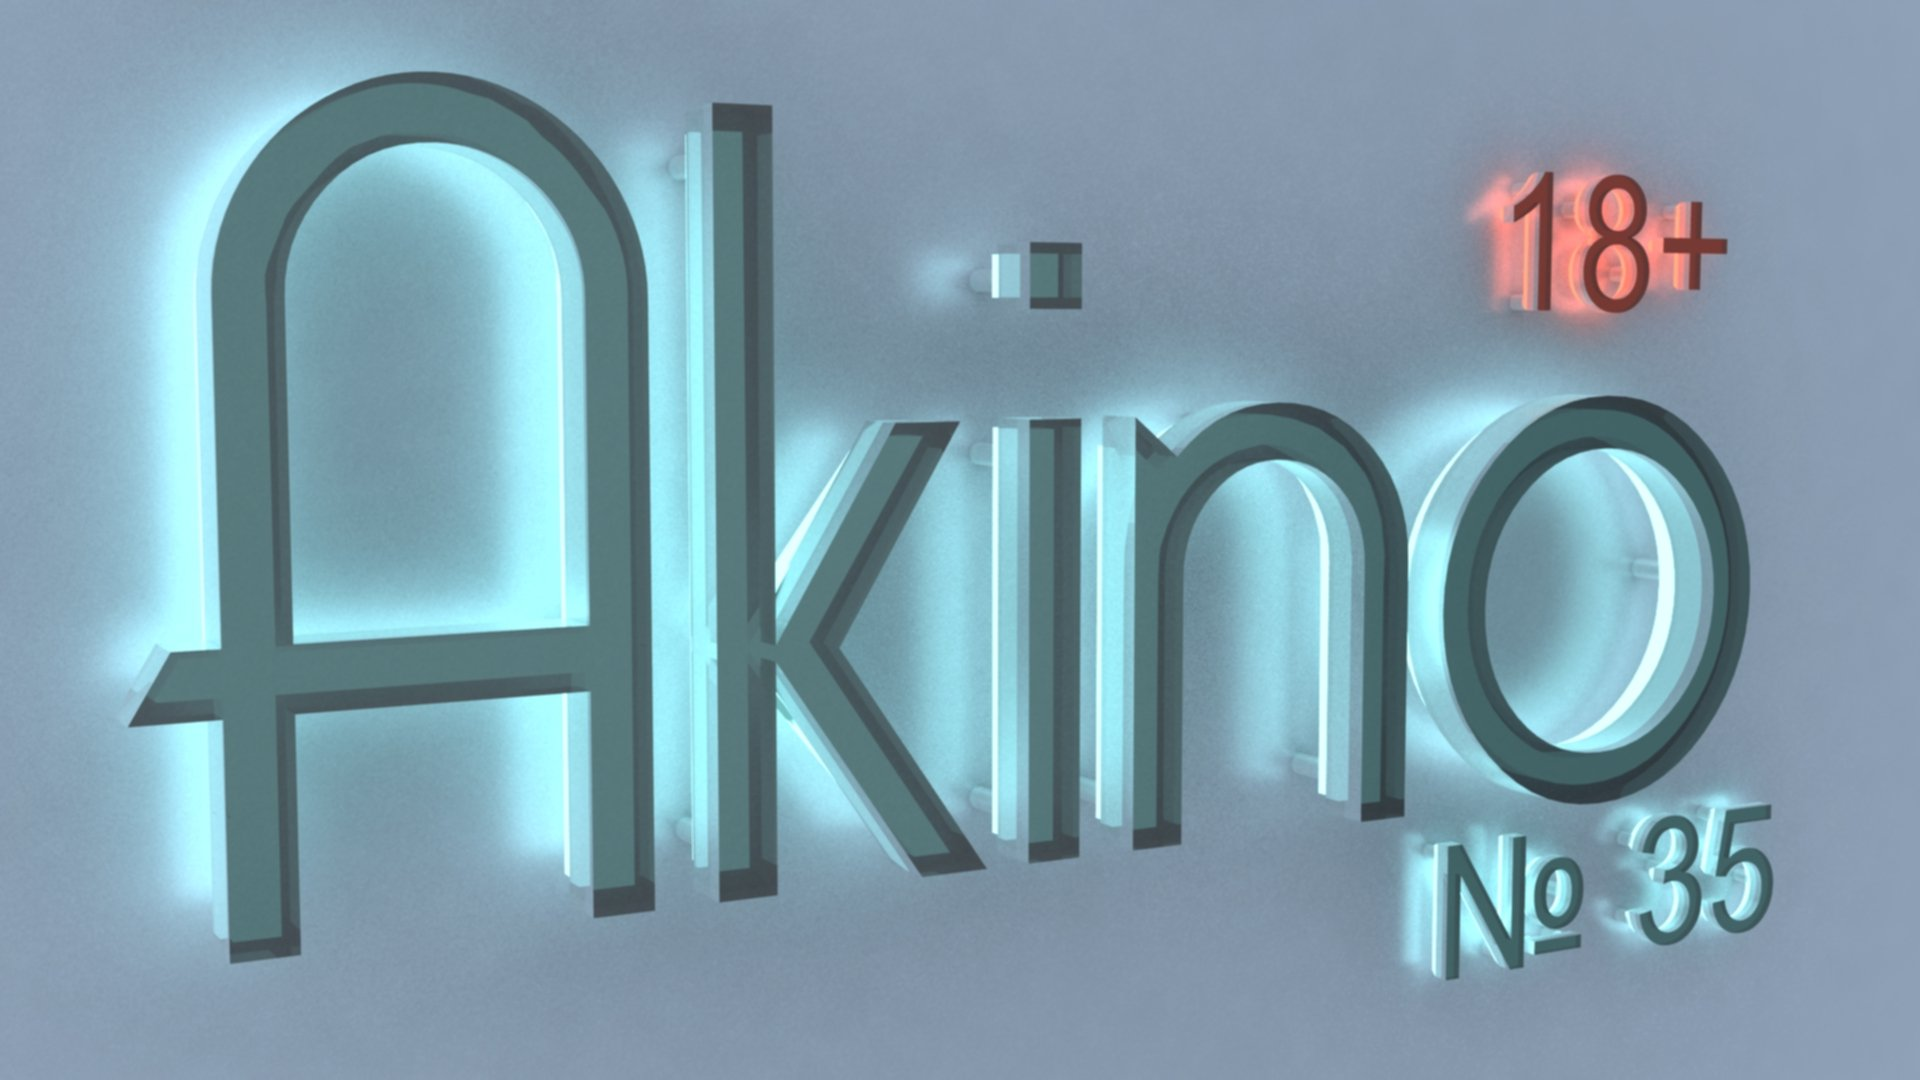 Подкаст AkiNO Выпуск № 35 (18+) - Изображение 1